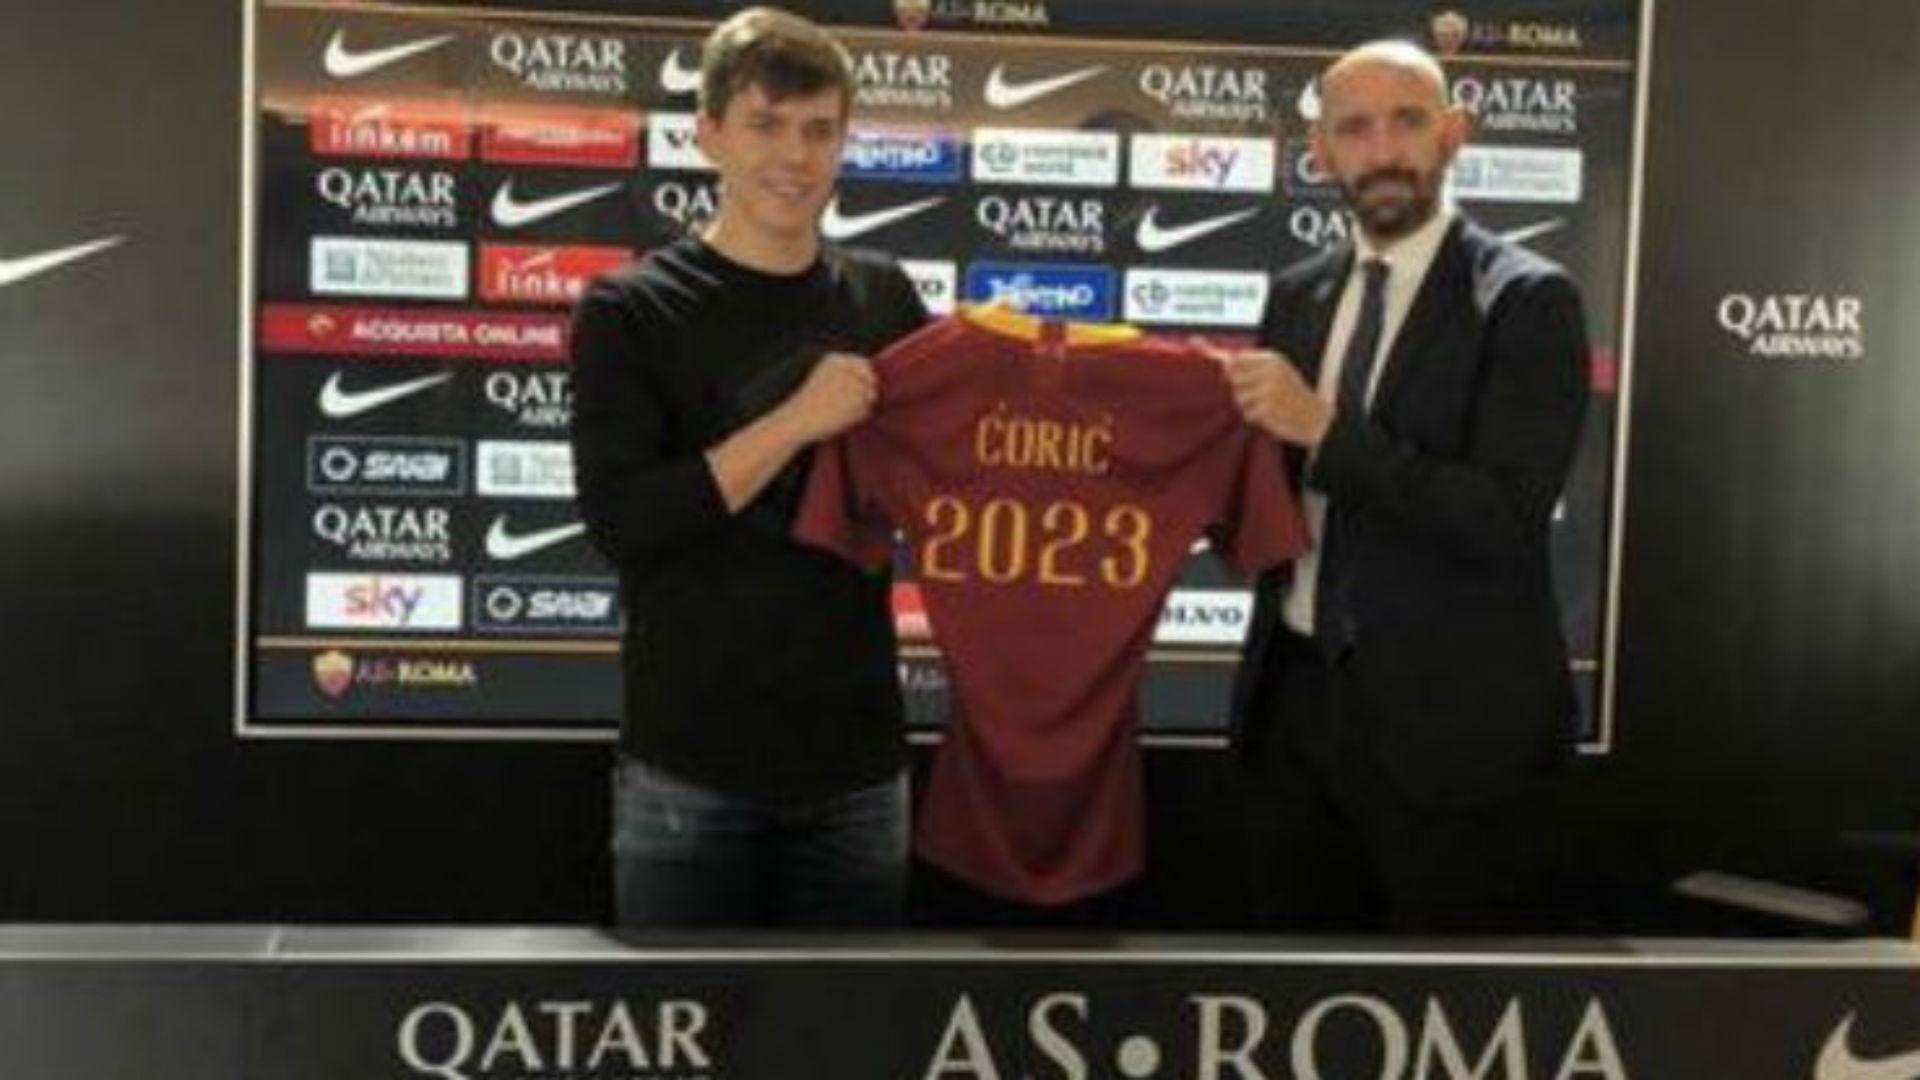 Calciomercato Roma, è arrivato Coric: visite e firma nei prossimi giorni